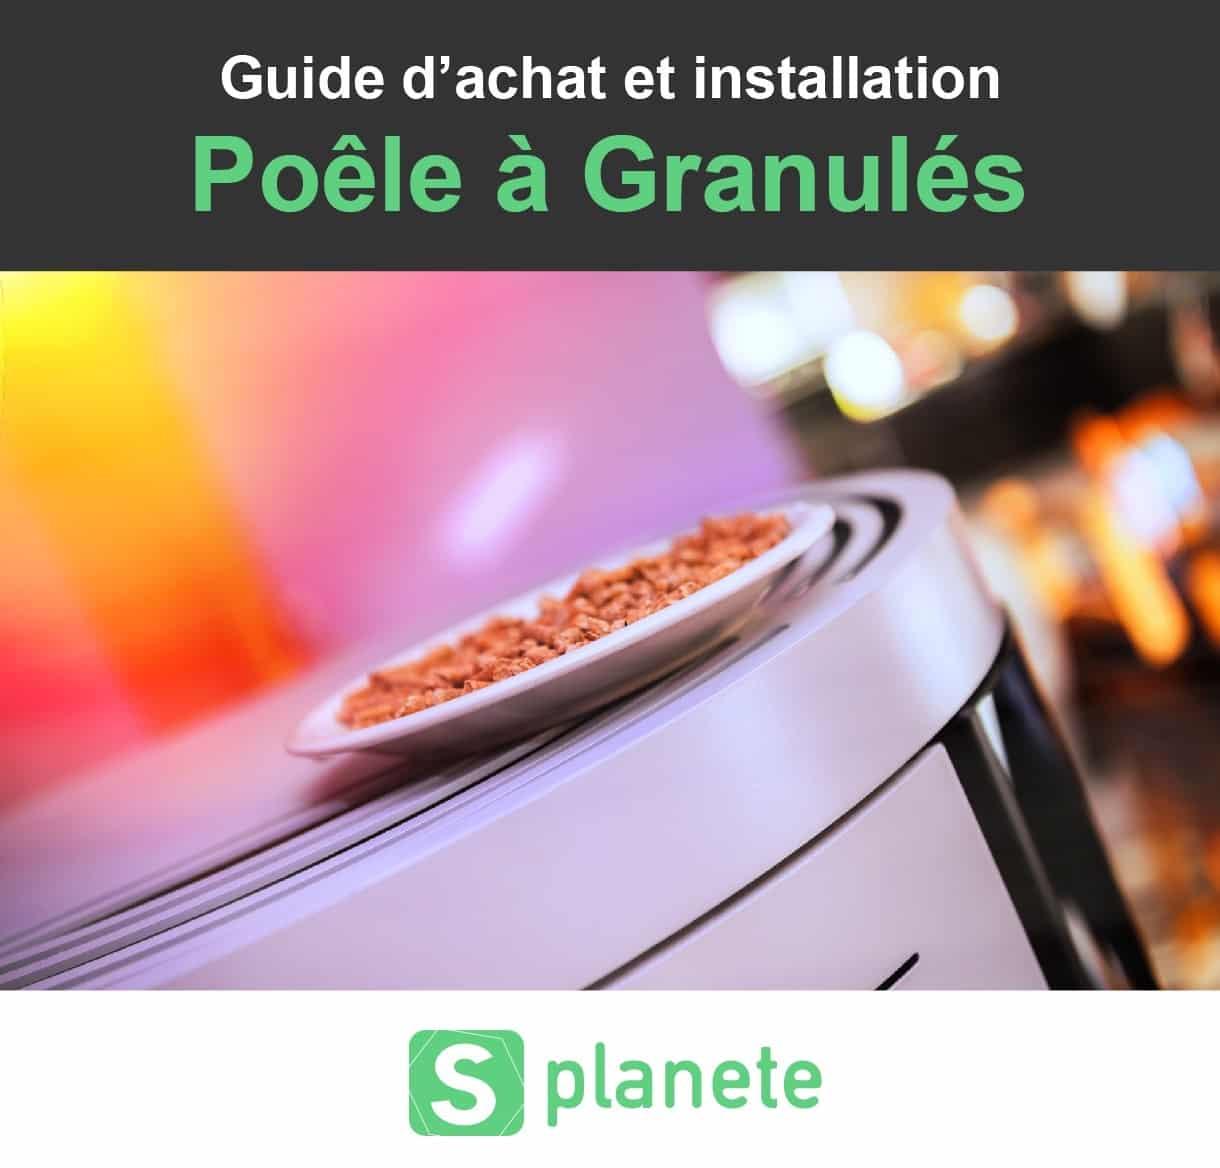 Poêle à granulés (pellets)